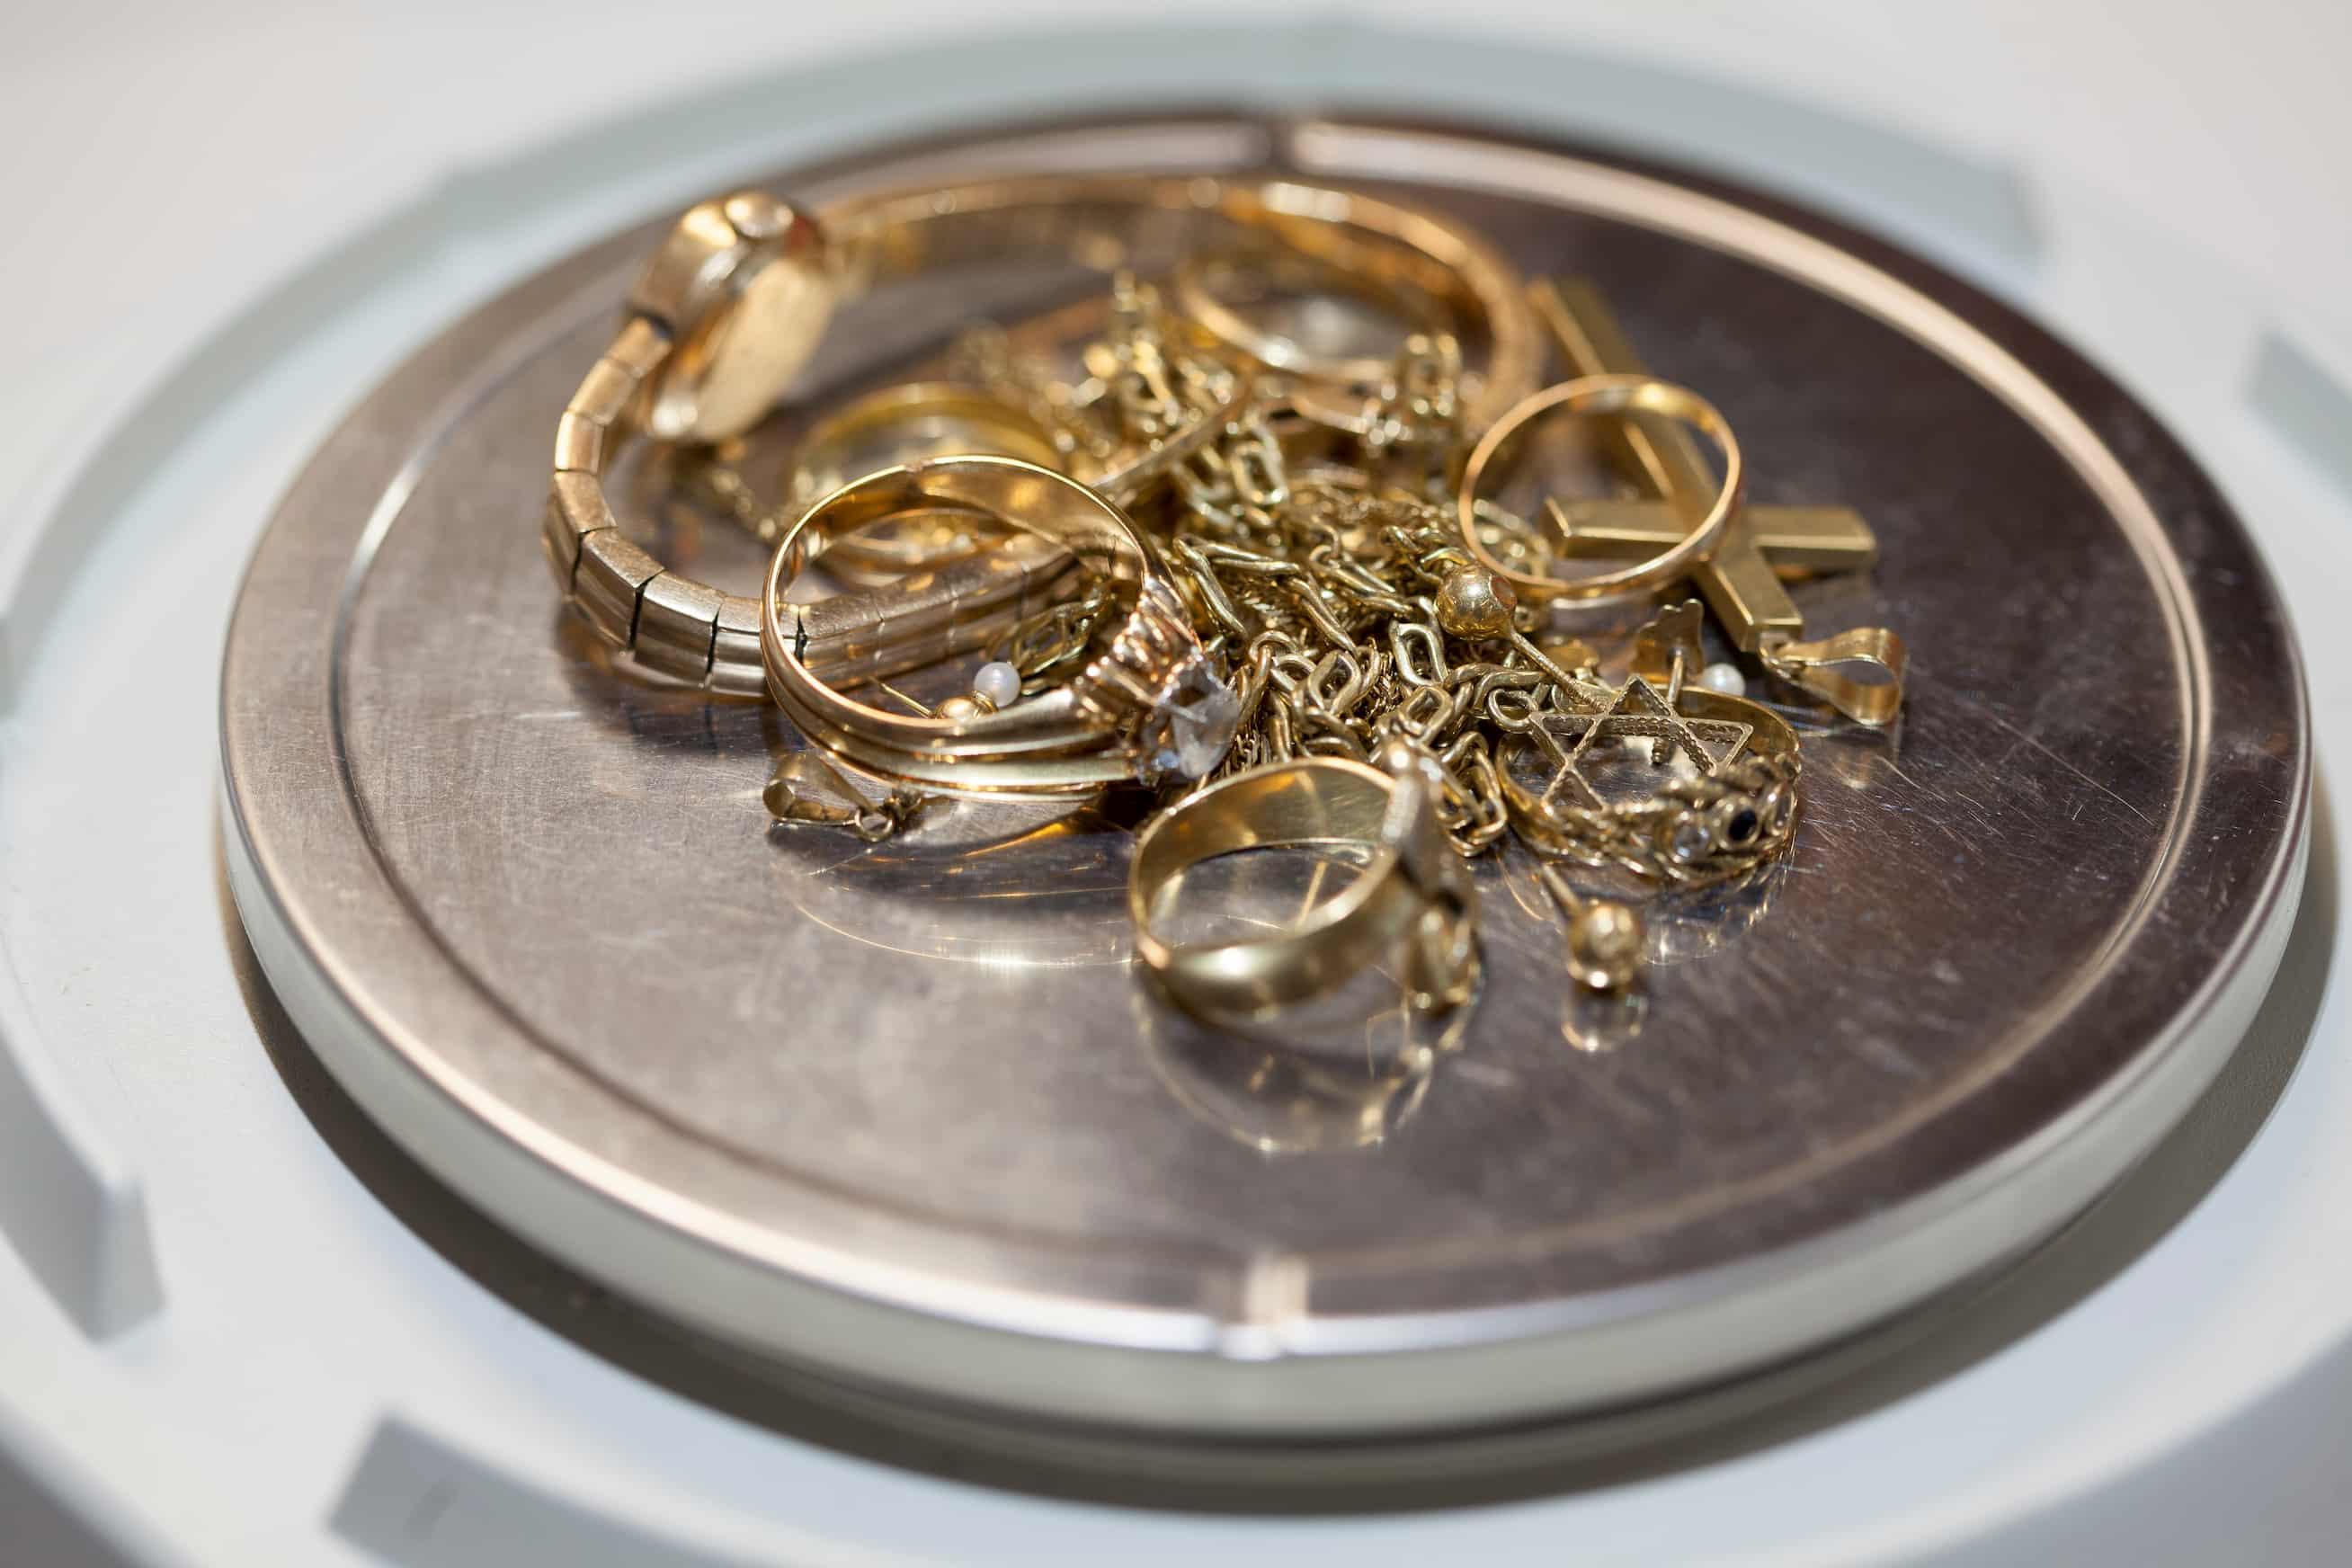 Tasación y compra de joyas